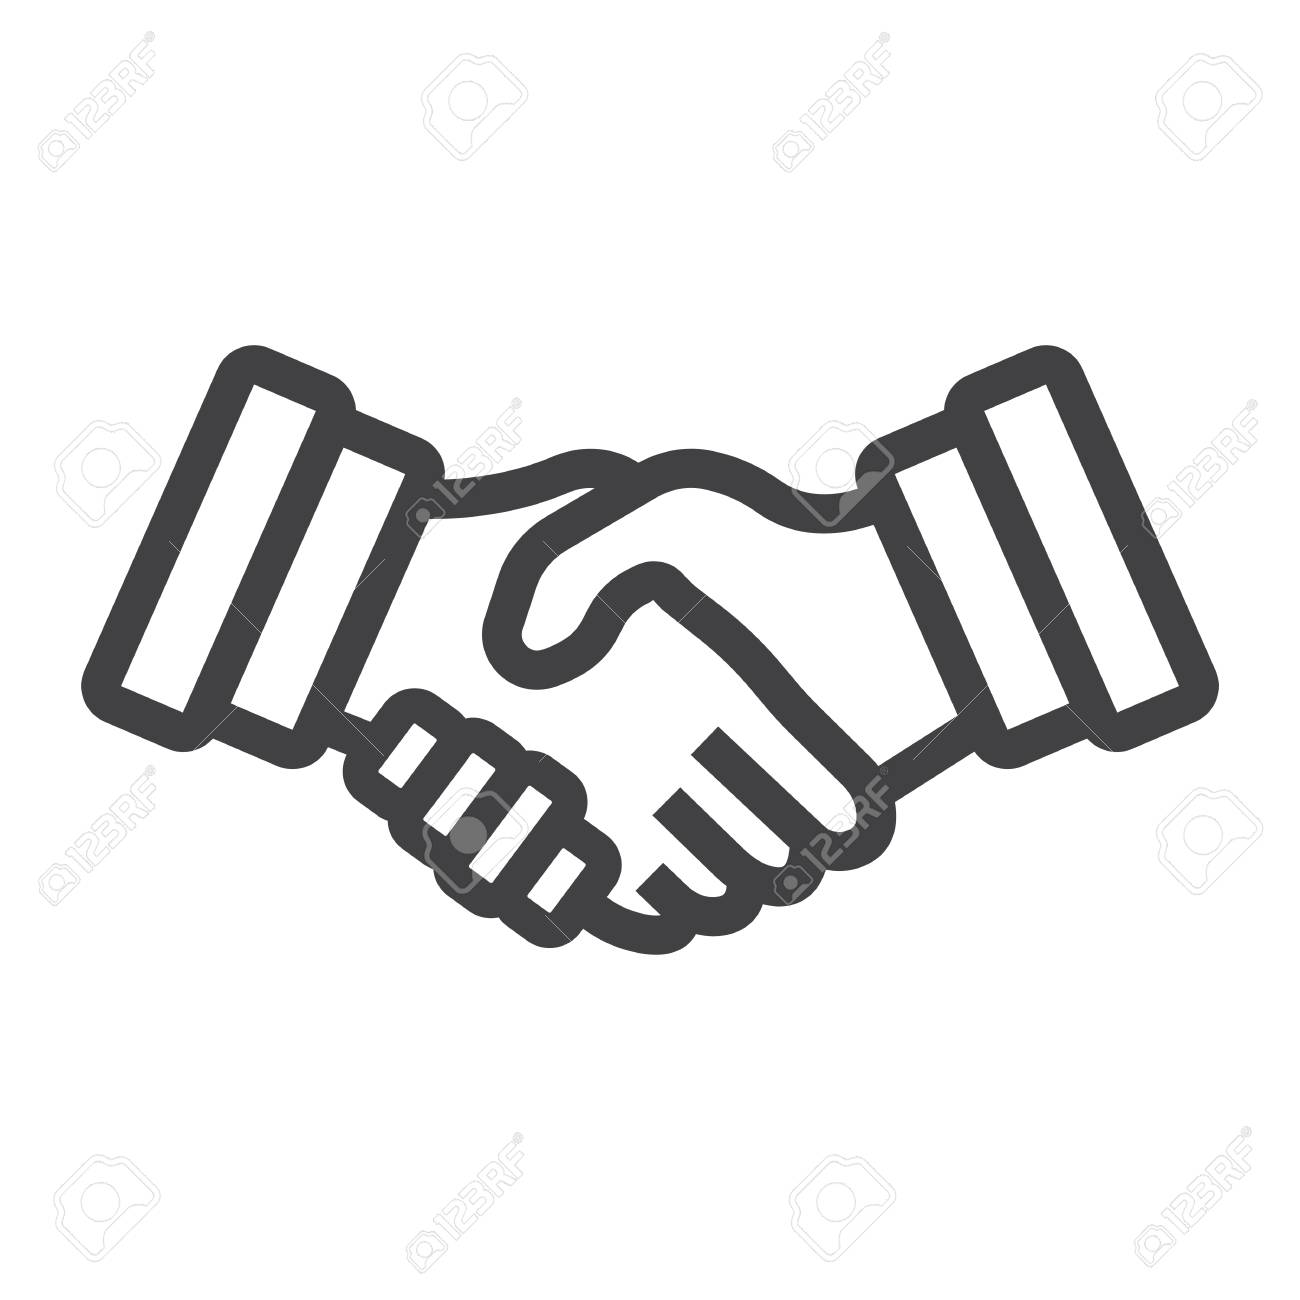 Geschäftshändedrucklinie Ikone, Vertrag Und Vereinbarung ...